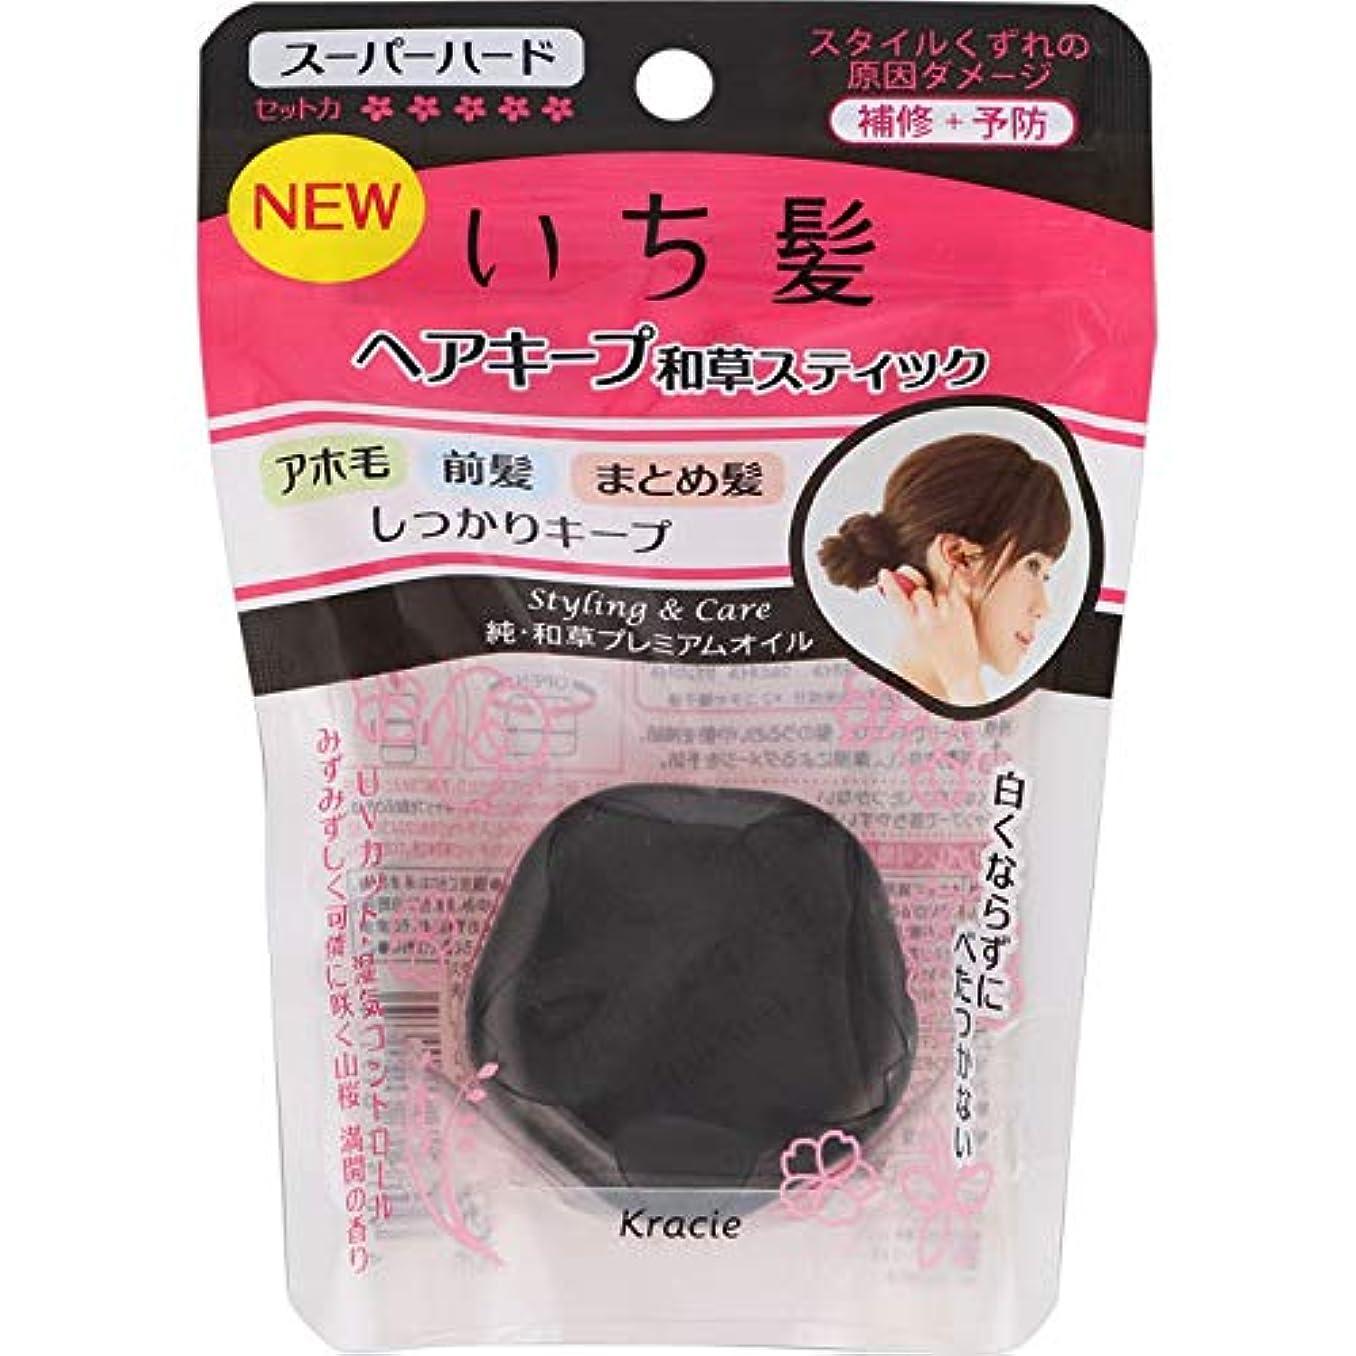 桁シンクメイトいち髪 ヘアキープ和草スティック(スーパーハード) × 10個セット